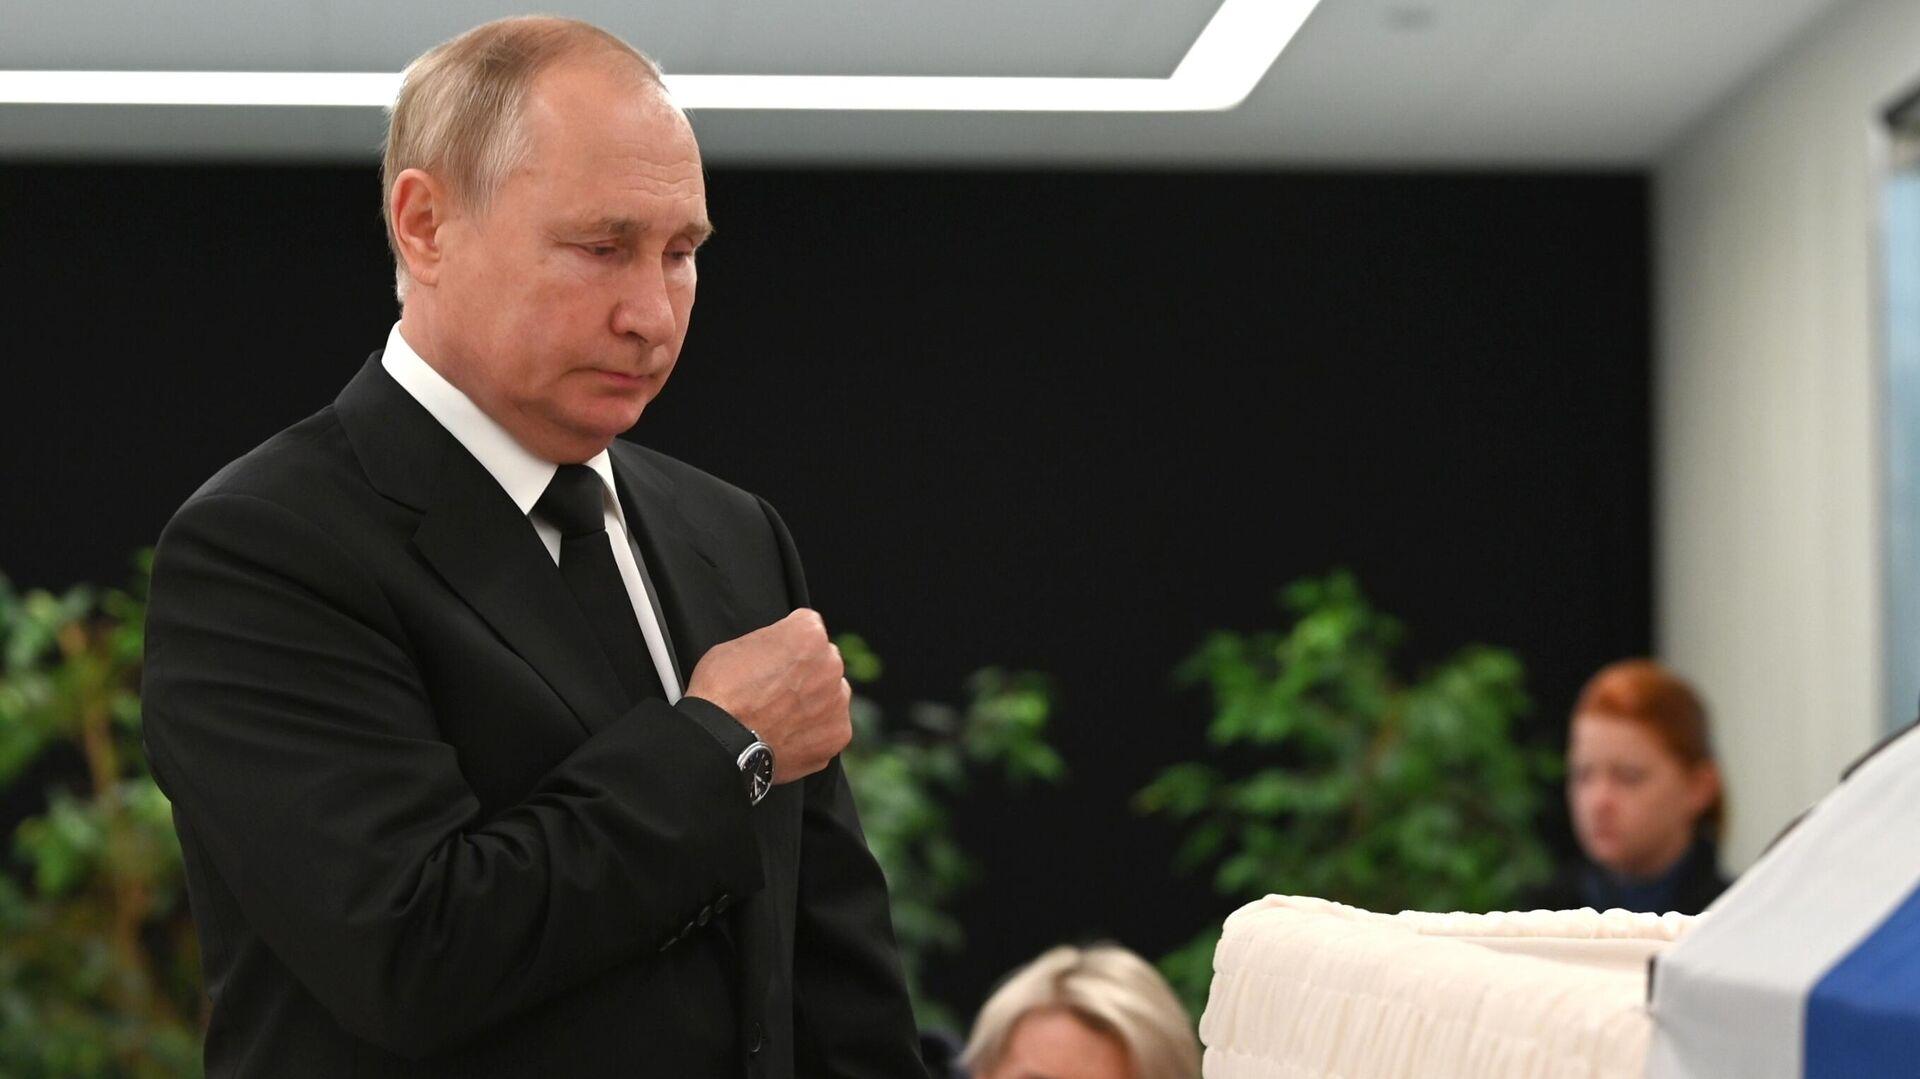 El presidente de Rusia, Vladímir Putin, en la ceremonia de despedida del ministro de Emergencias, Evgueni Zínichev, el 10 de septiembre de 2021  - Sputnik Mundo, 1920, 10.09.2021